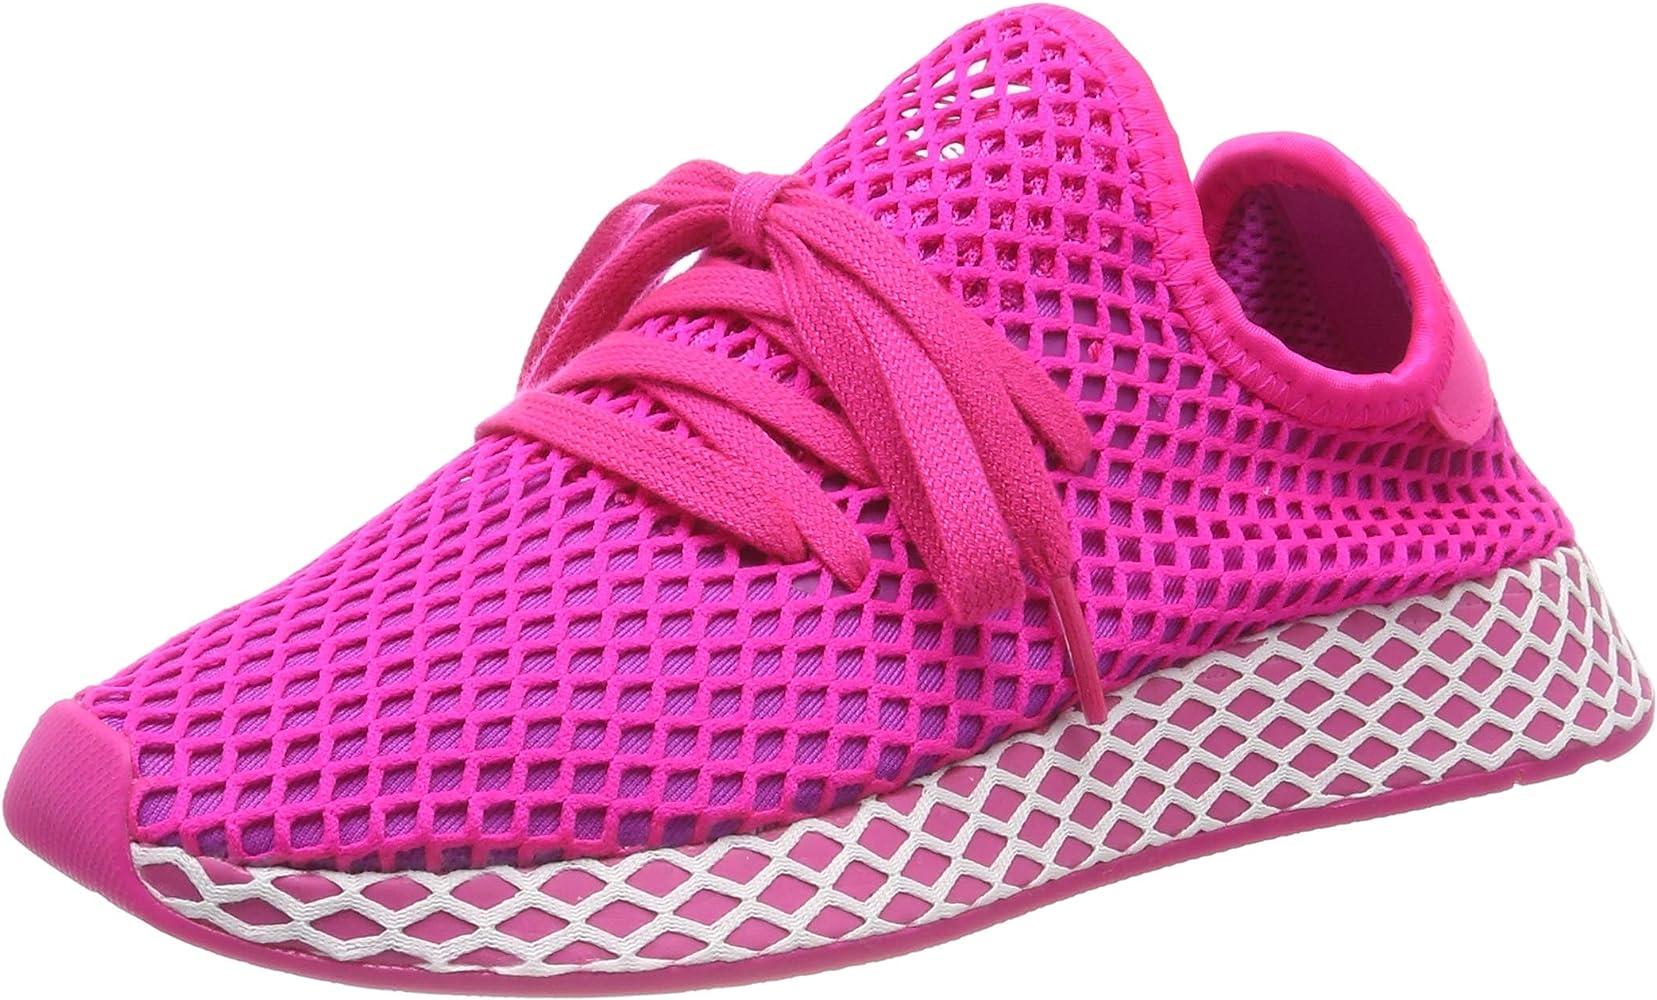 adidas Deerupt Runner W Zapatillas de Running Mujer, Rosa (Shock ...